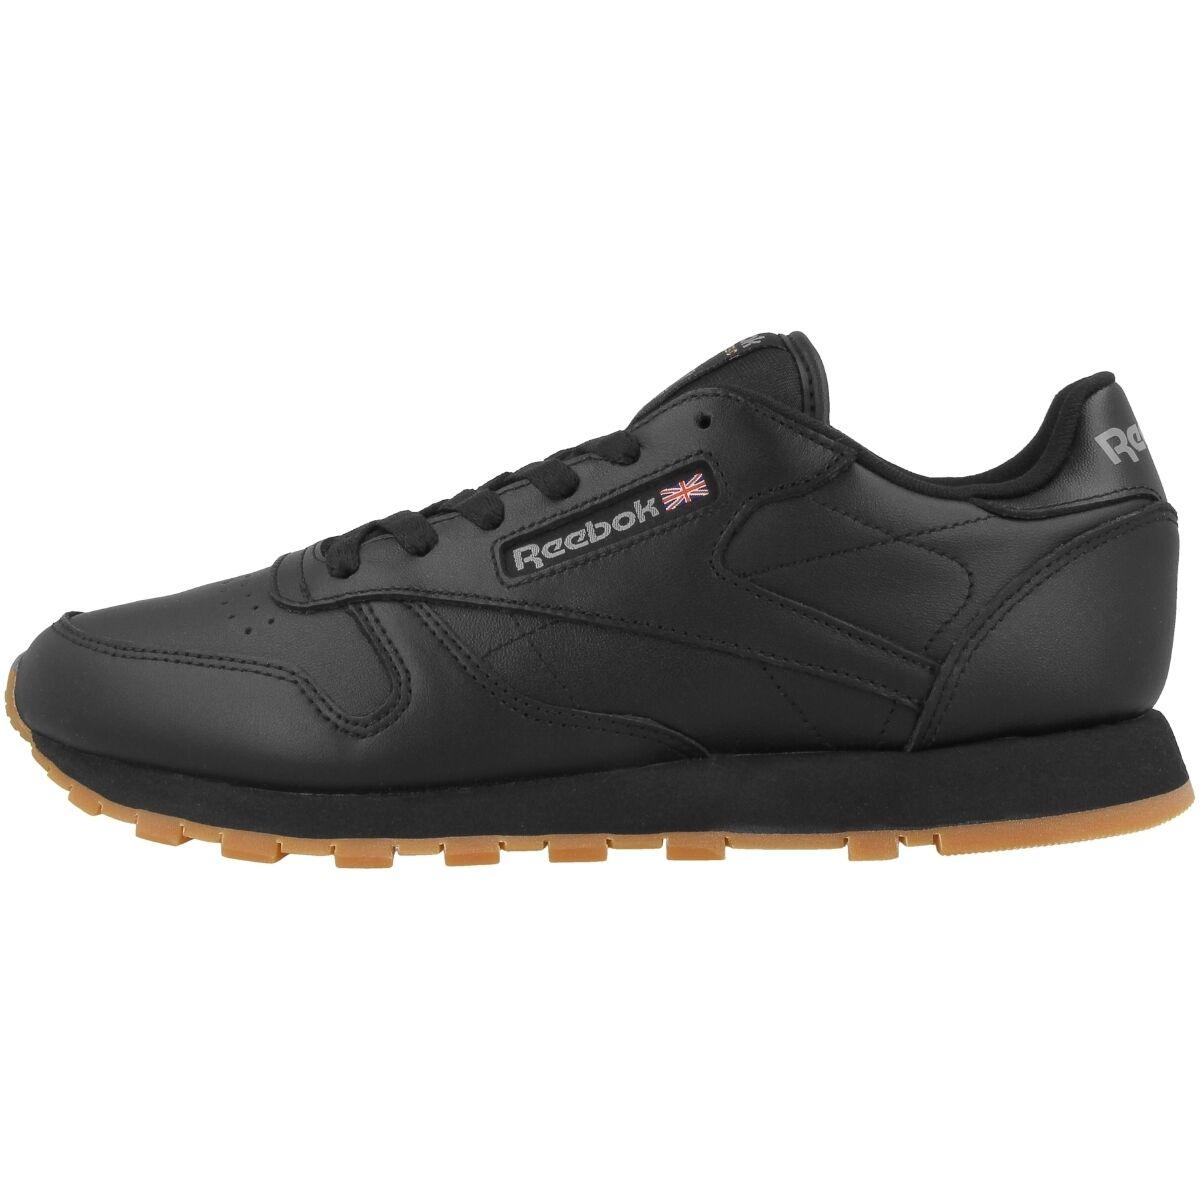 Reebok Reebok Reebok Cuero Clásico Zapatos de 49804 Dama ZAPATILLAS DEPORTIVAS 0e208a